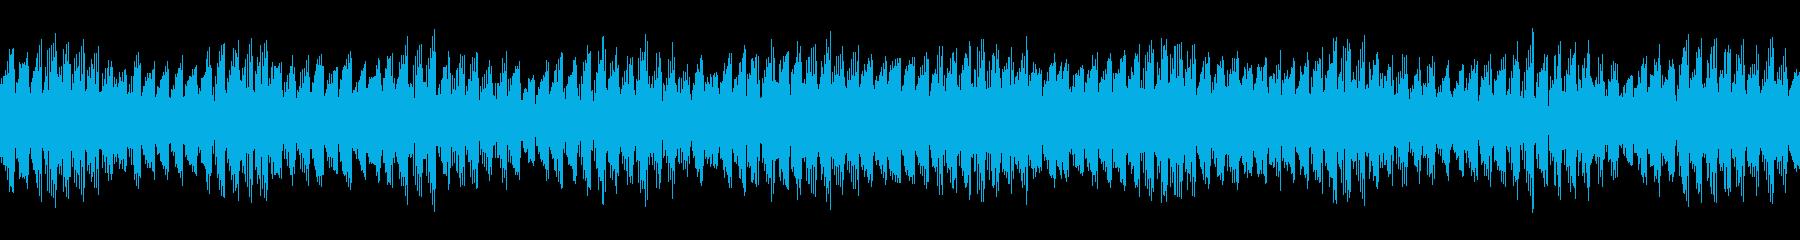 ループ可能・シリアスな内容のニュースにの再生済みの波形